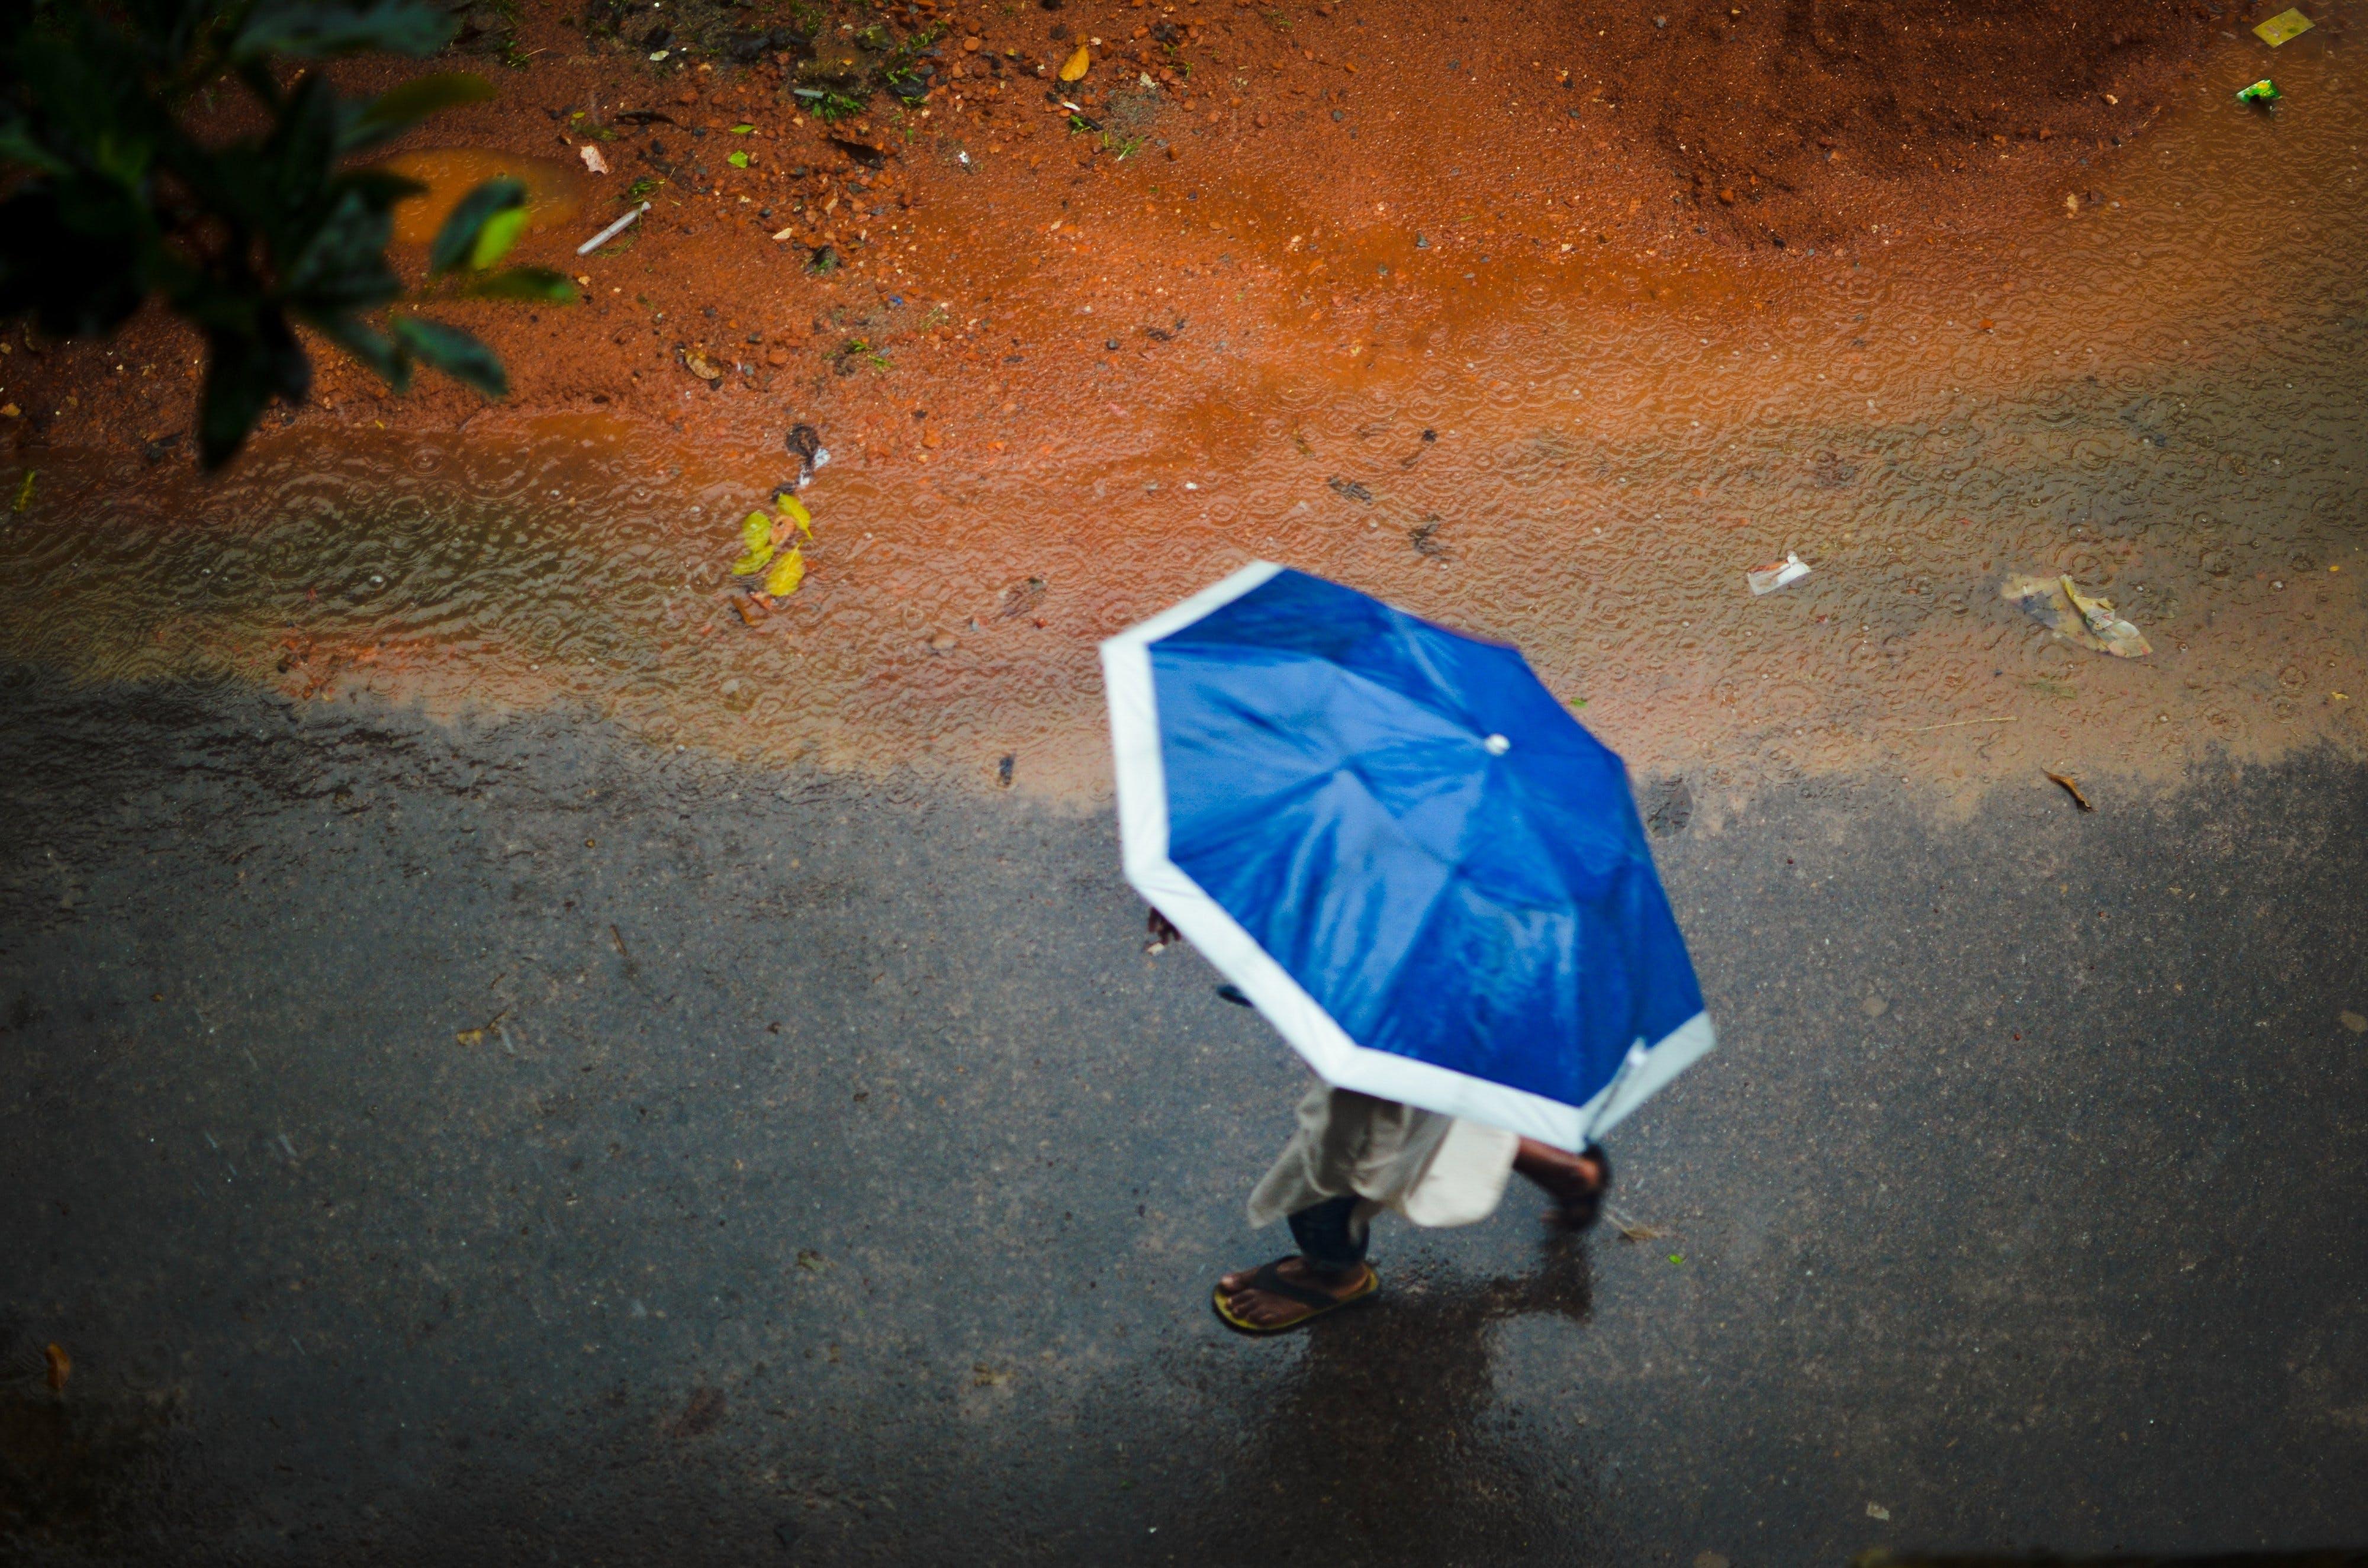 Δωρεάν στοκ φωτογραφιών με βροχερή μέρα, ομπρέλα